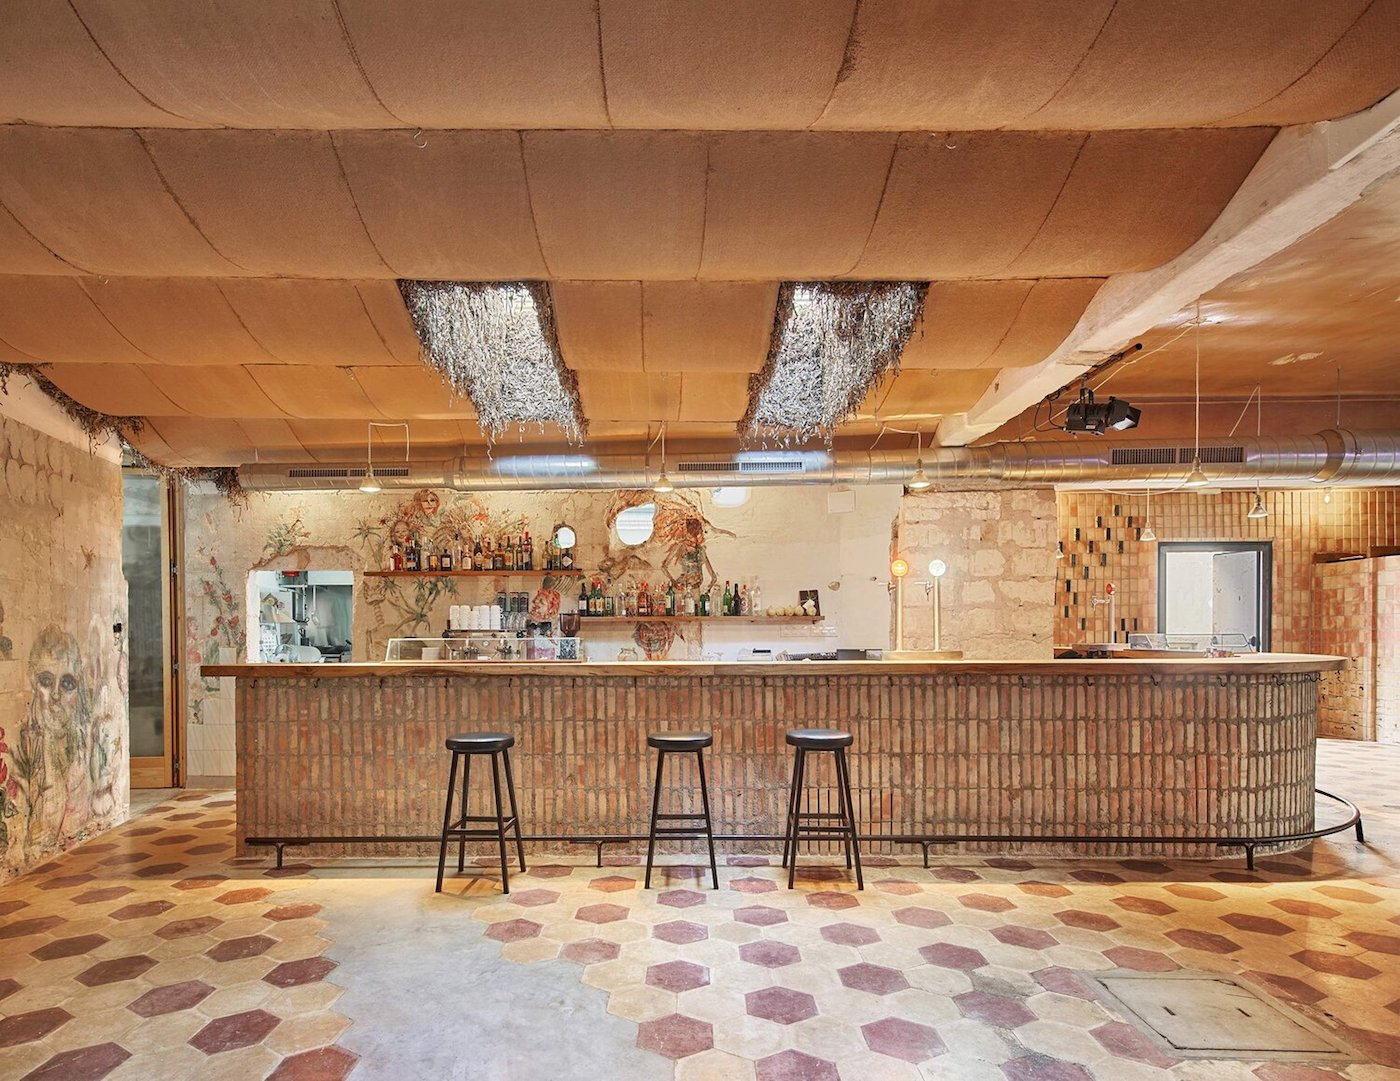 Bar at Can Lliro adaptive reuse project